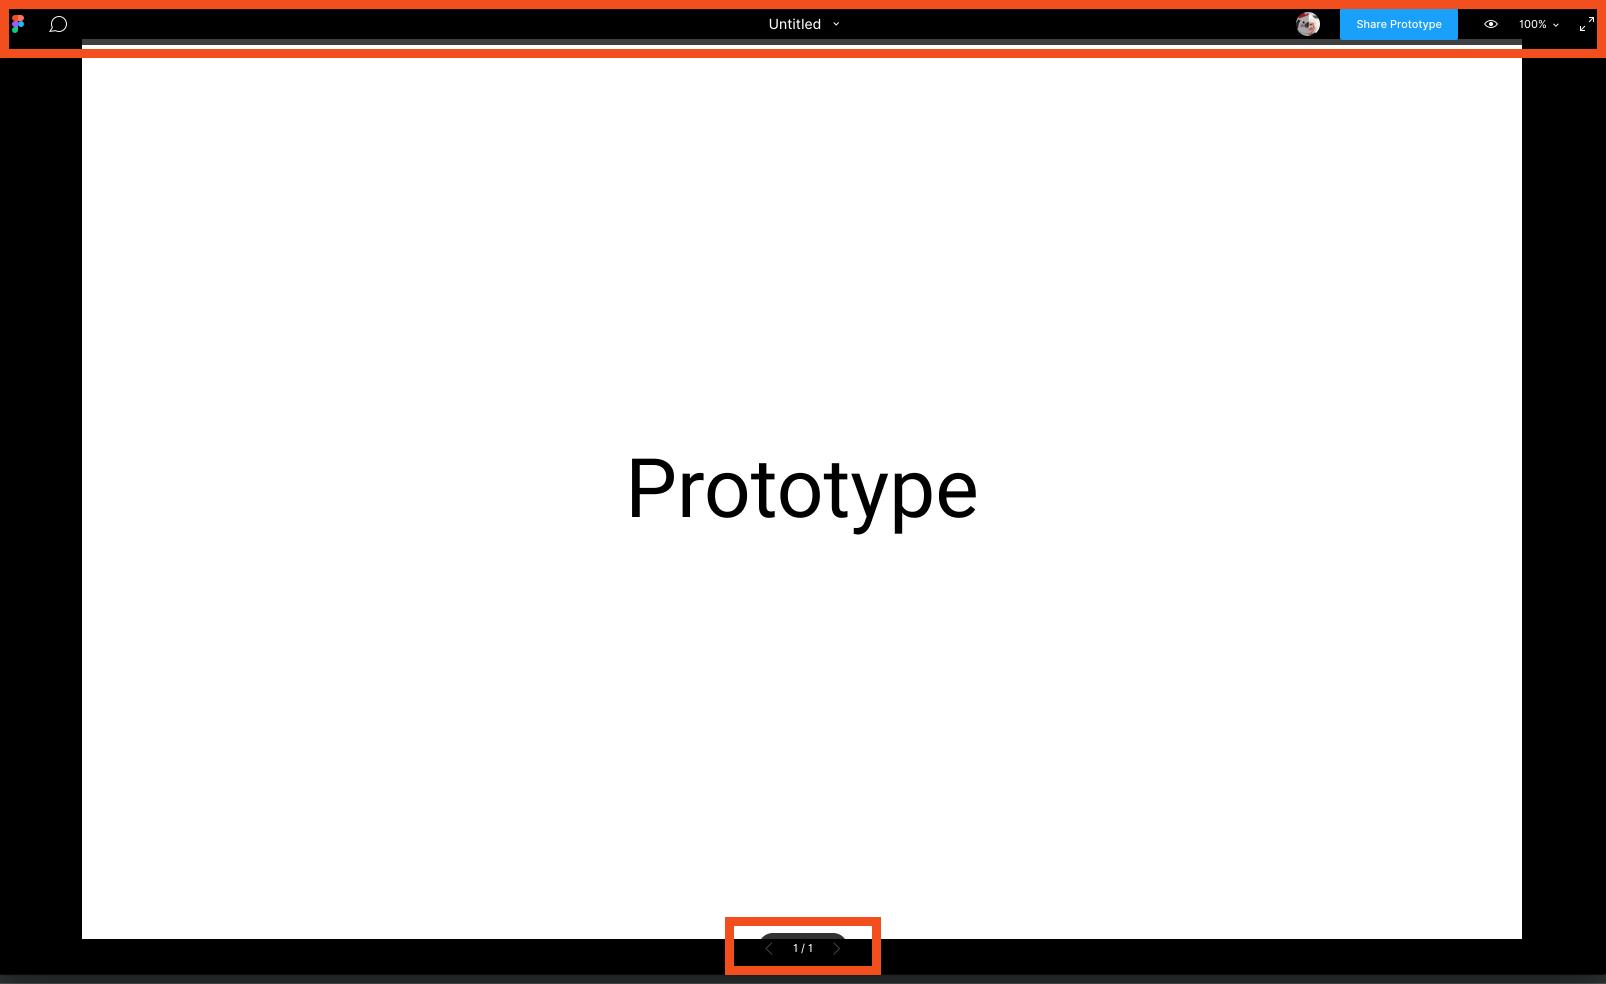 Figma on prototype mode showing the overlay